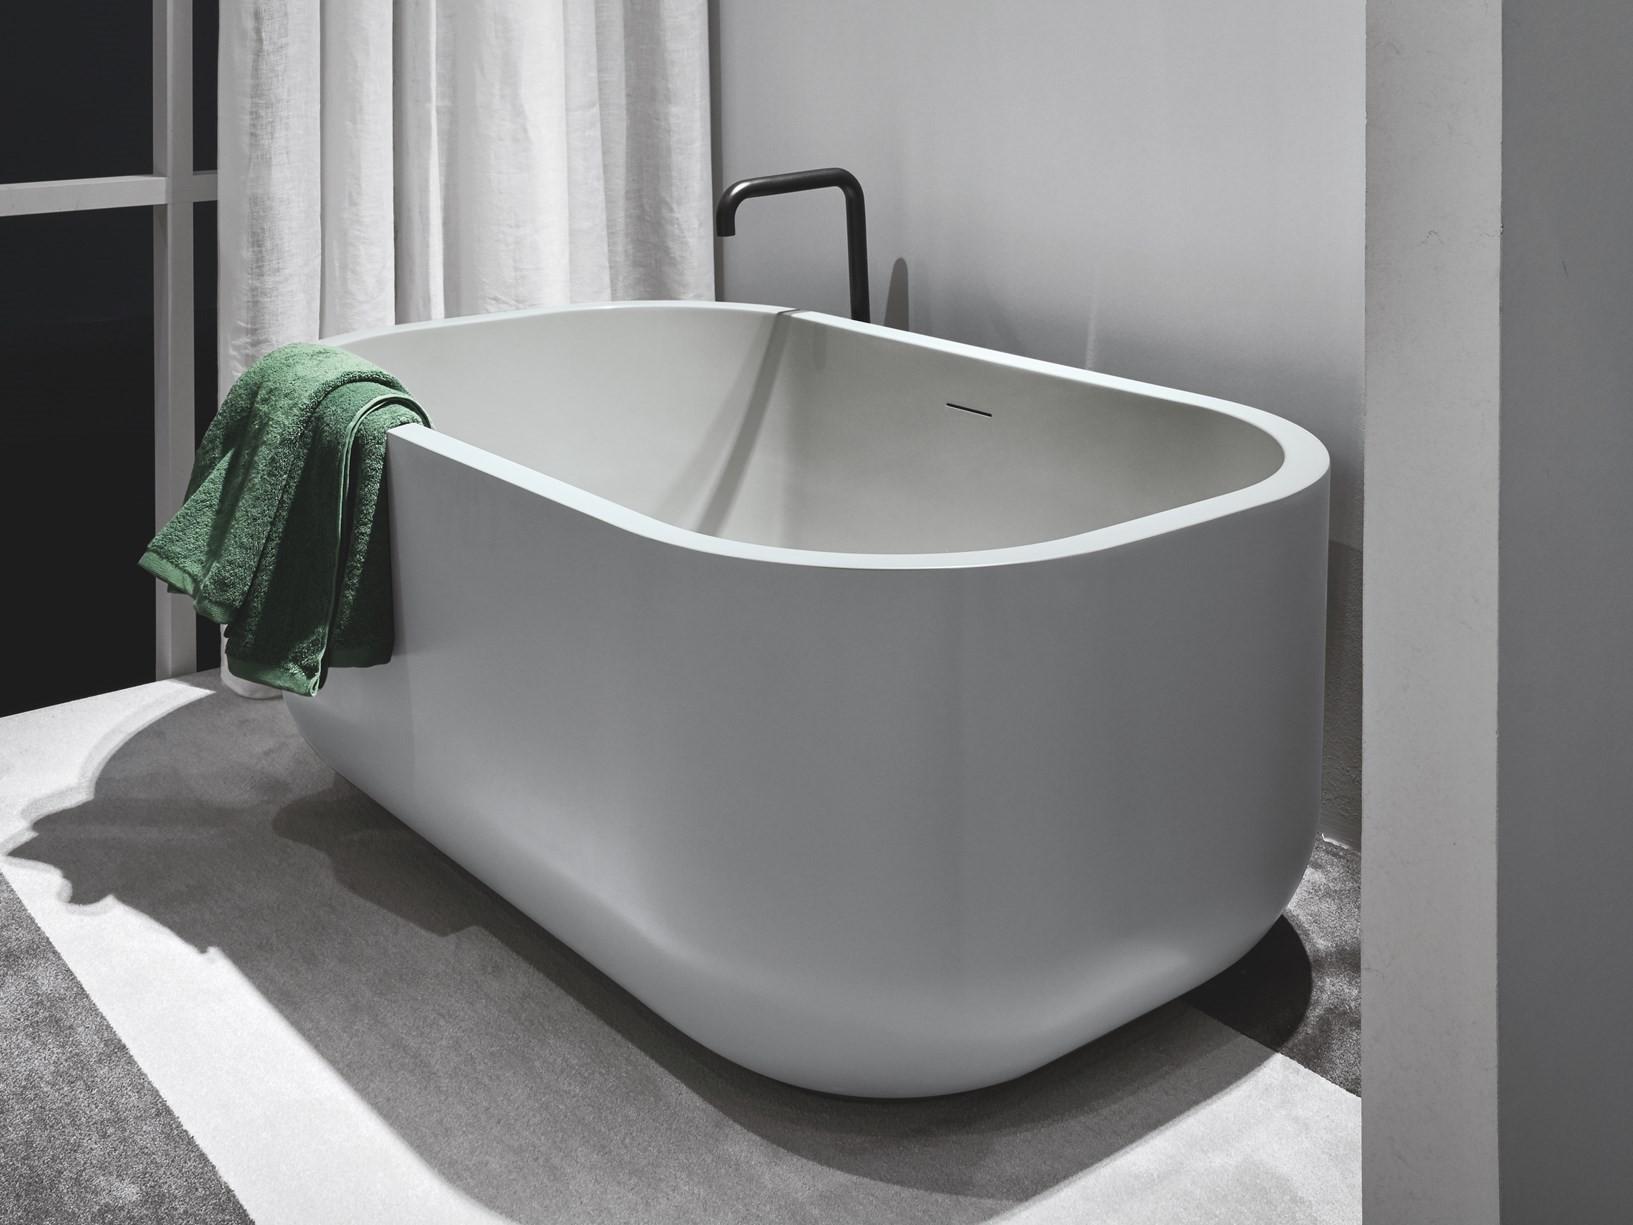 Vasca Da Bagno Incasso Ceramica : Vasca da bagno 130x80 cm dafne cielo contecom